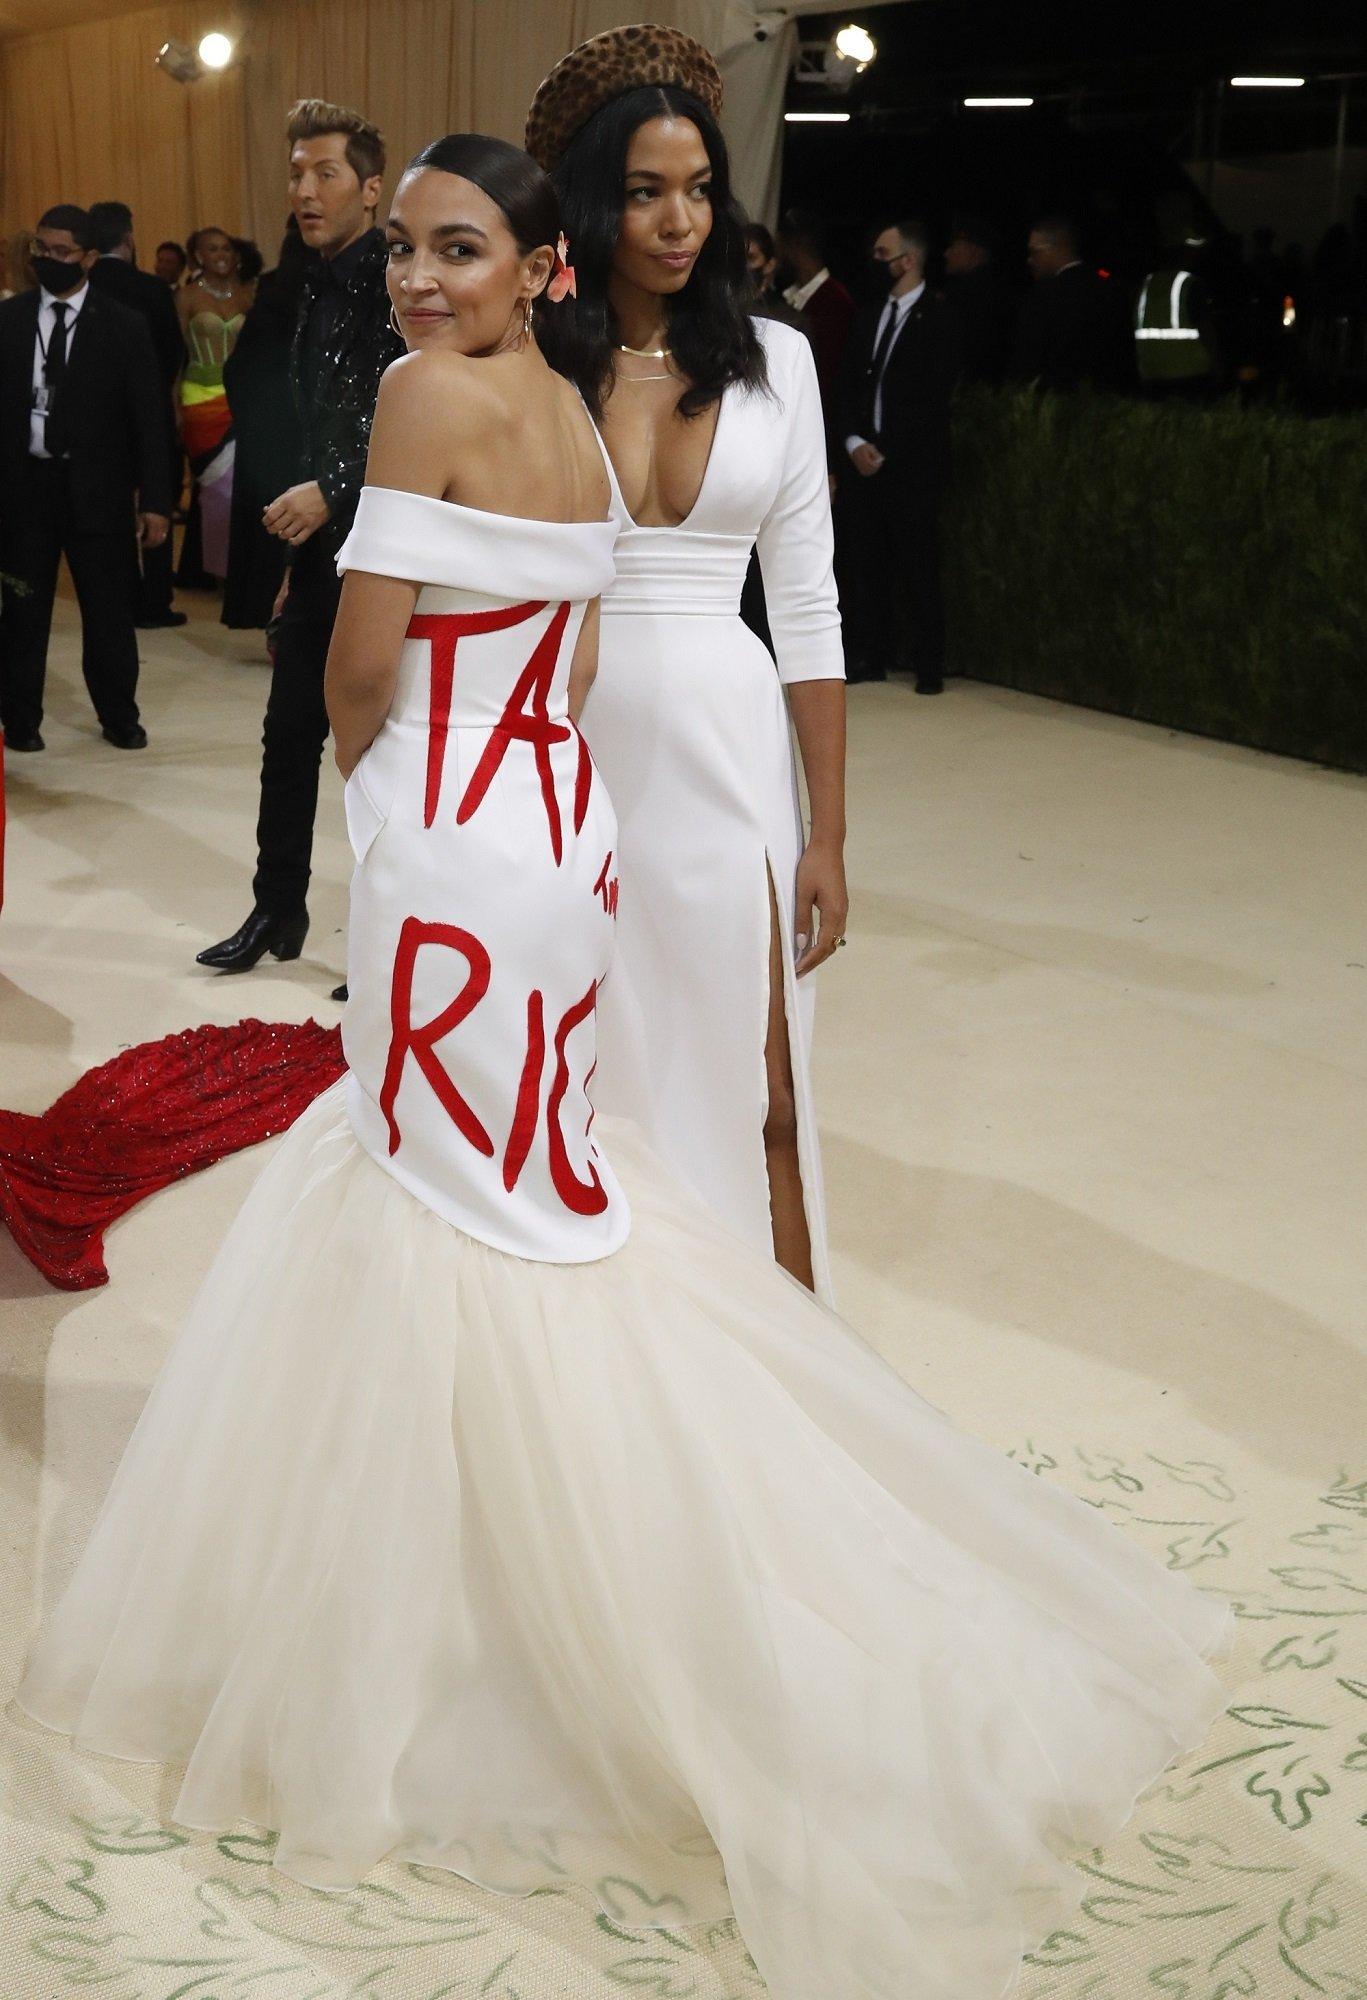 Alexandria Ocasio-Cortez, zenginlerin vergilendirilmesini isteyen kostümüyle gecenin yıldızlarındandı.